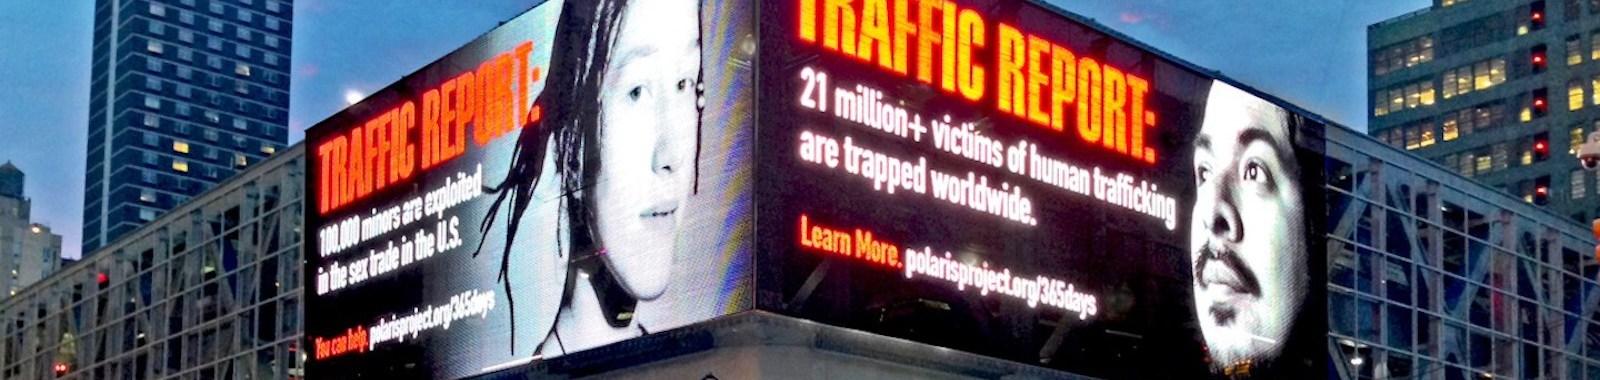 digital-billboards-eye